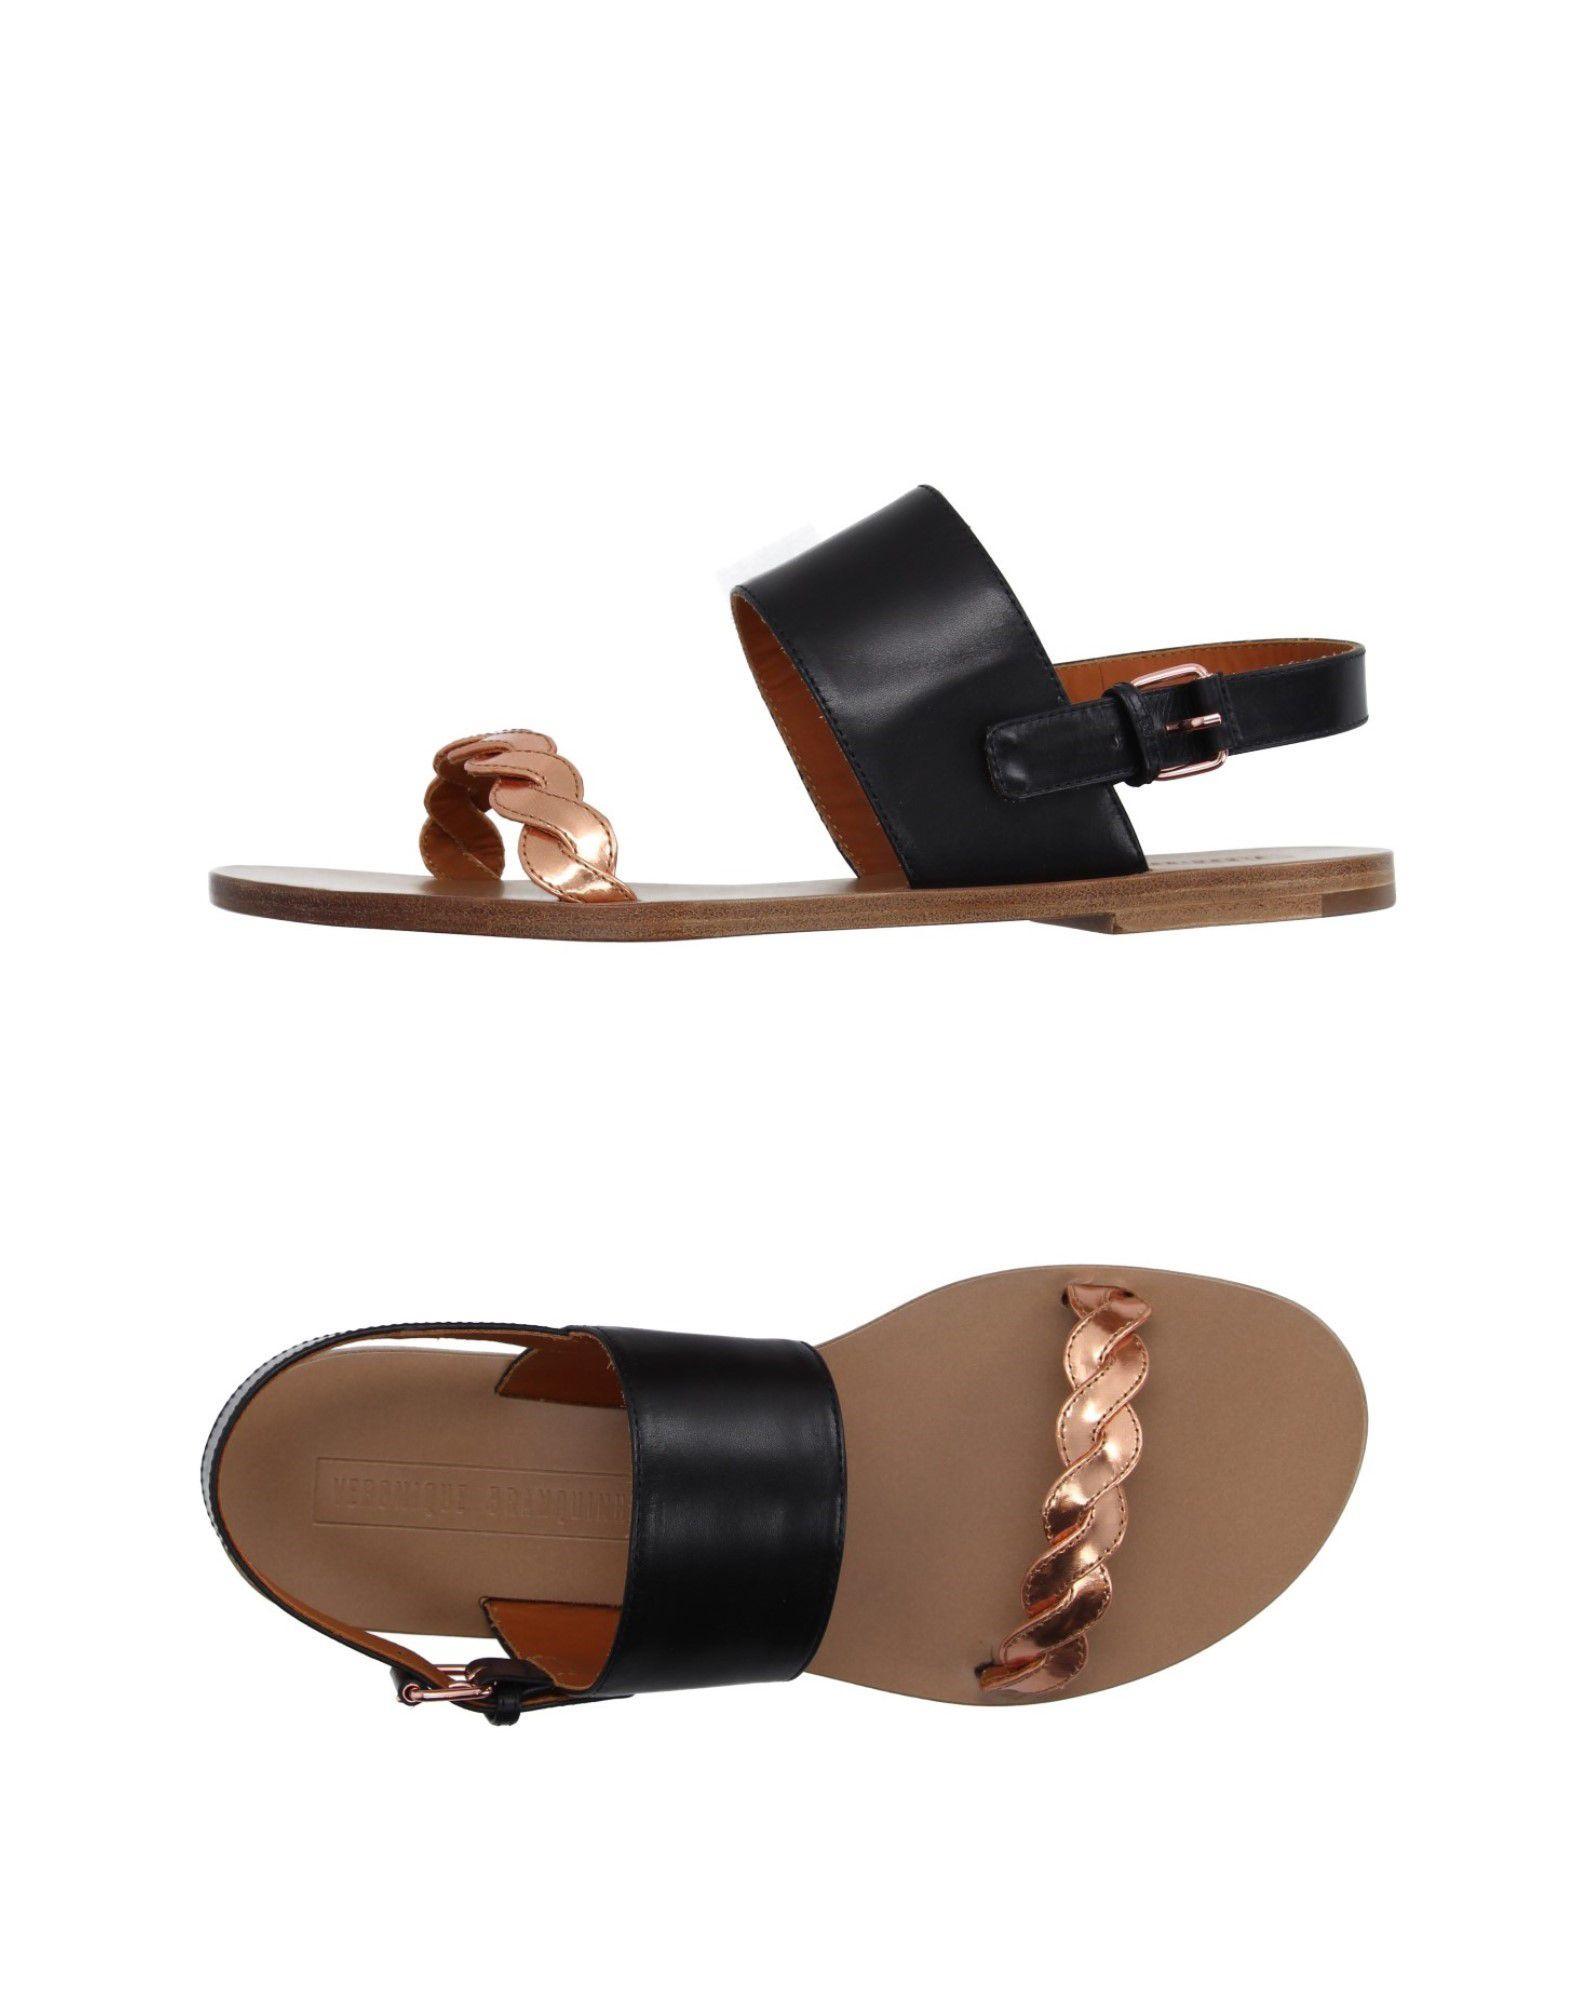 Stilvolle billige Schuhe Veronique  Branquinho Sandalen Damen  Veronique 44971899JV df3516